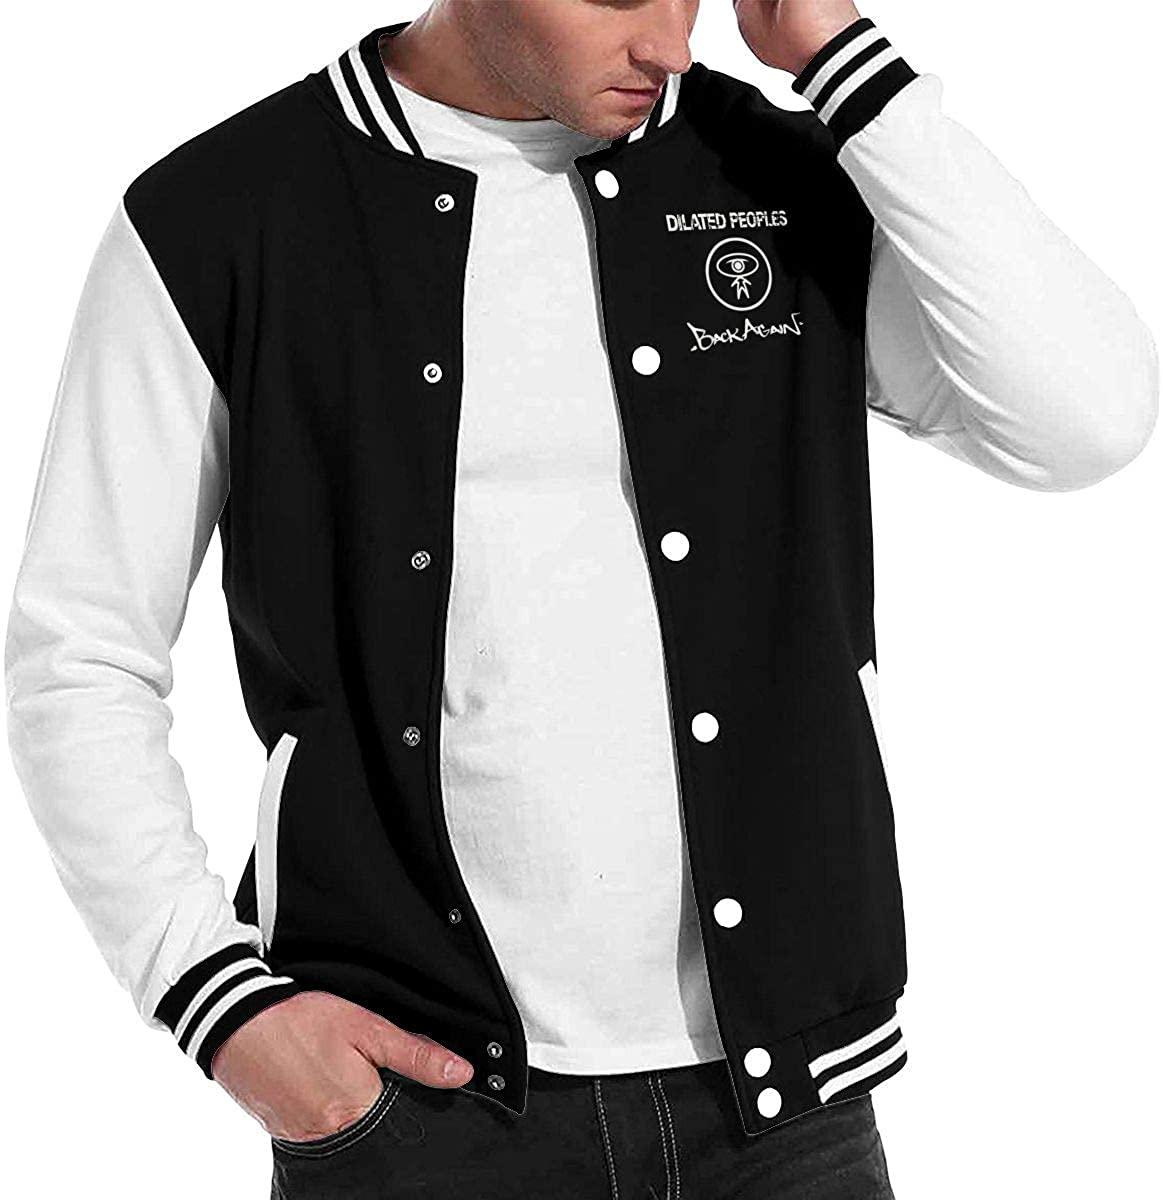 1836 Dilated Peoples Unisex Baseball Jacket Varsity Jacket